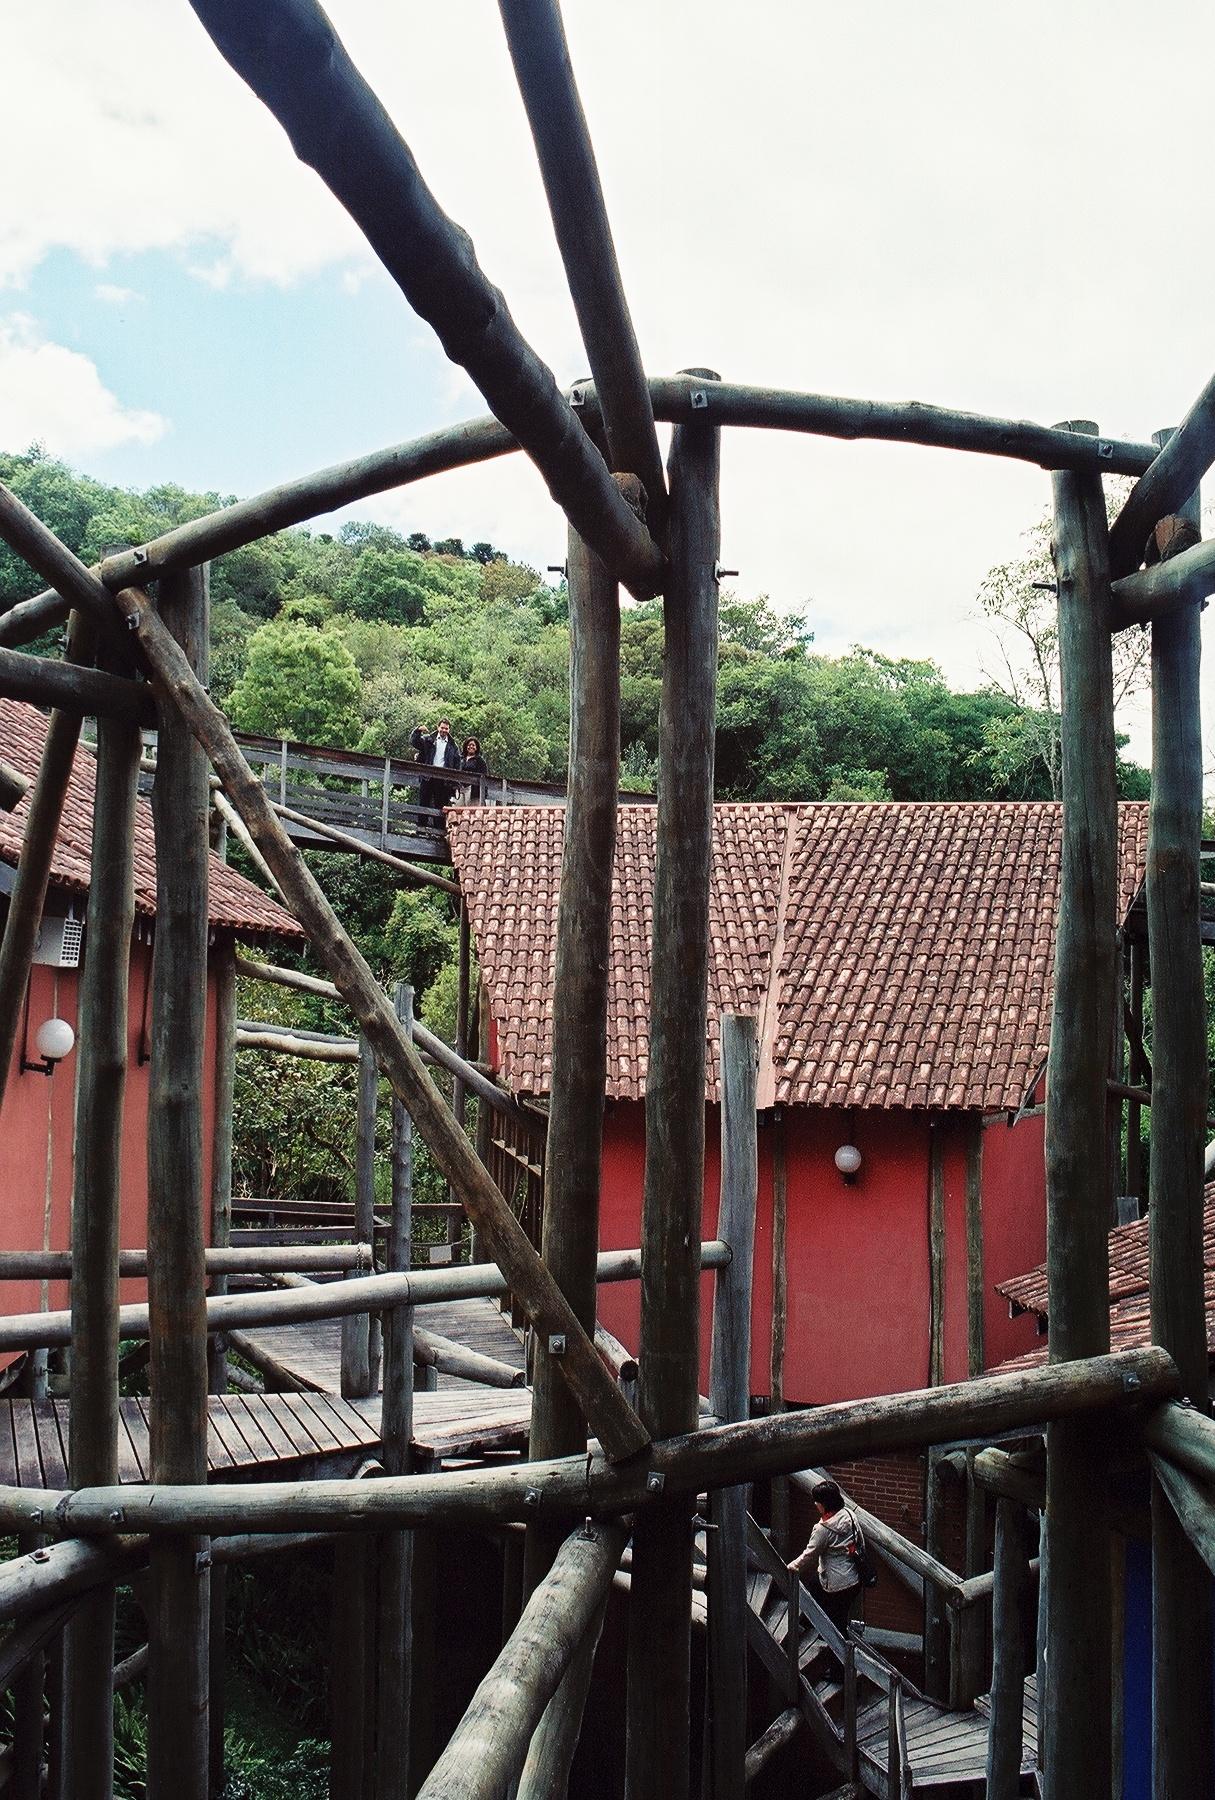 La Universidad delMedio Ambienteestálocalizada en medio del bosque Zainelli. Su construcción con viejos troncos de eucalipto es un ejemplo de reuso yreciclaje. Foto:Pamy Rojas